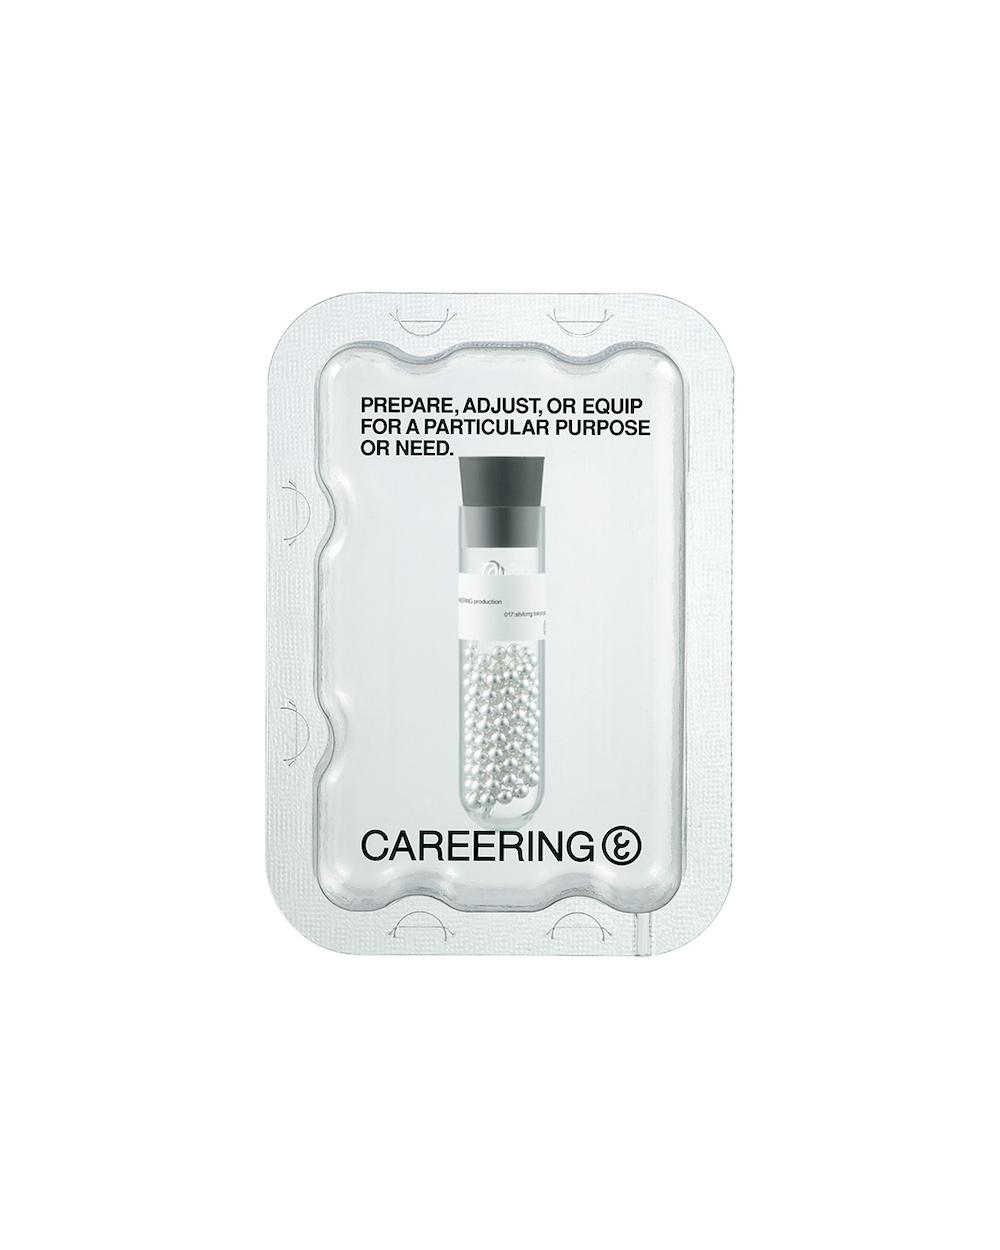 carearing_20200829_04